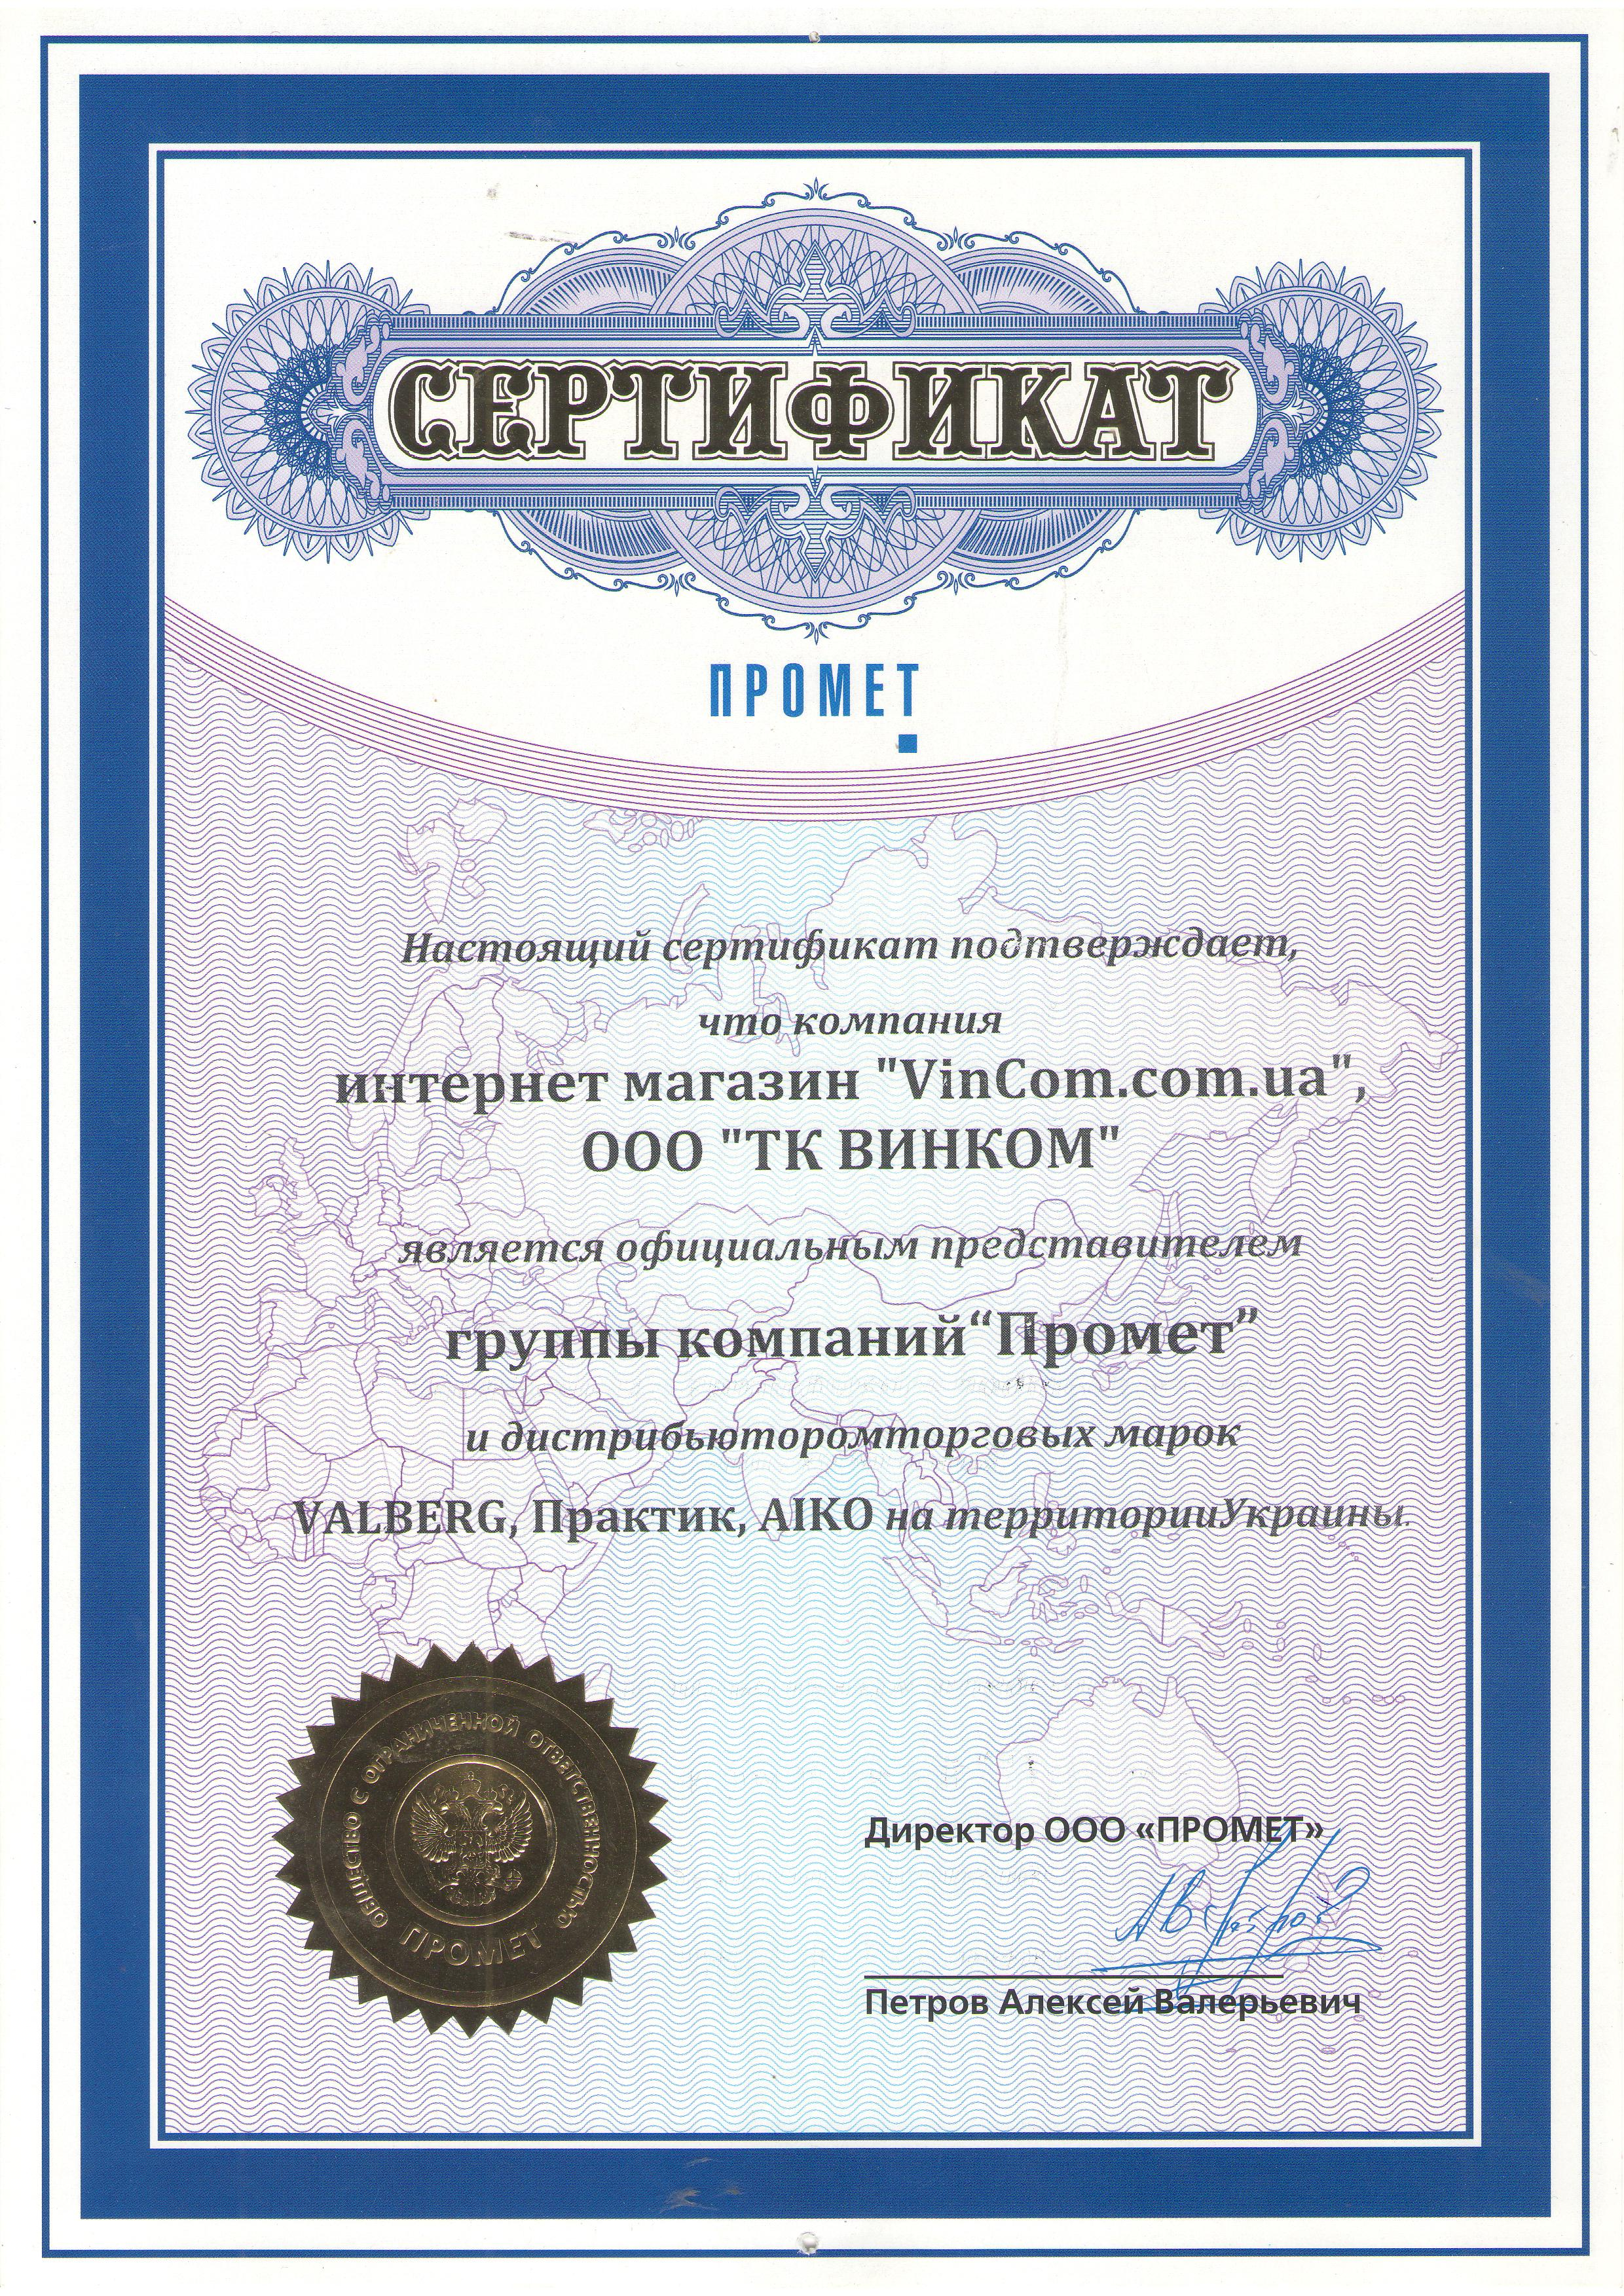 Сертификат2 Vincom